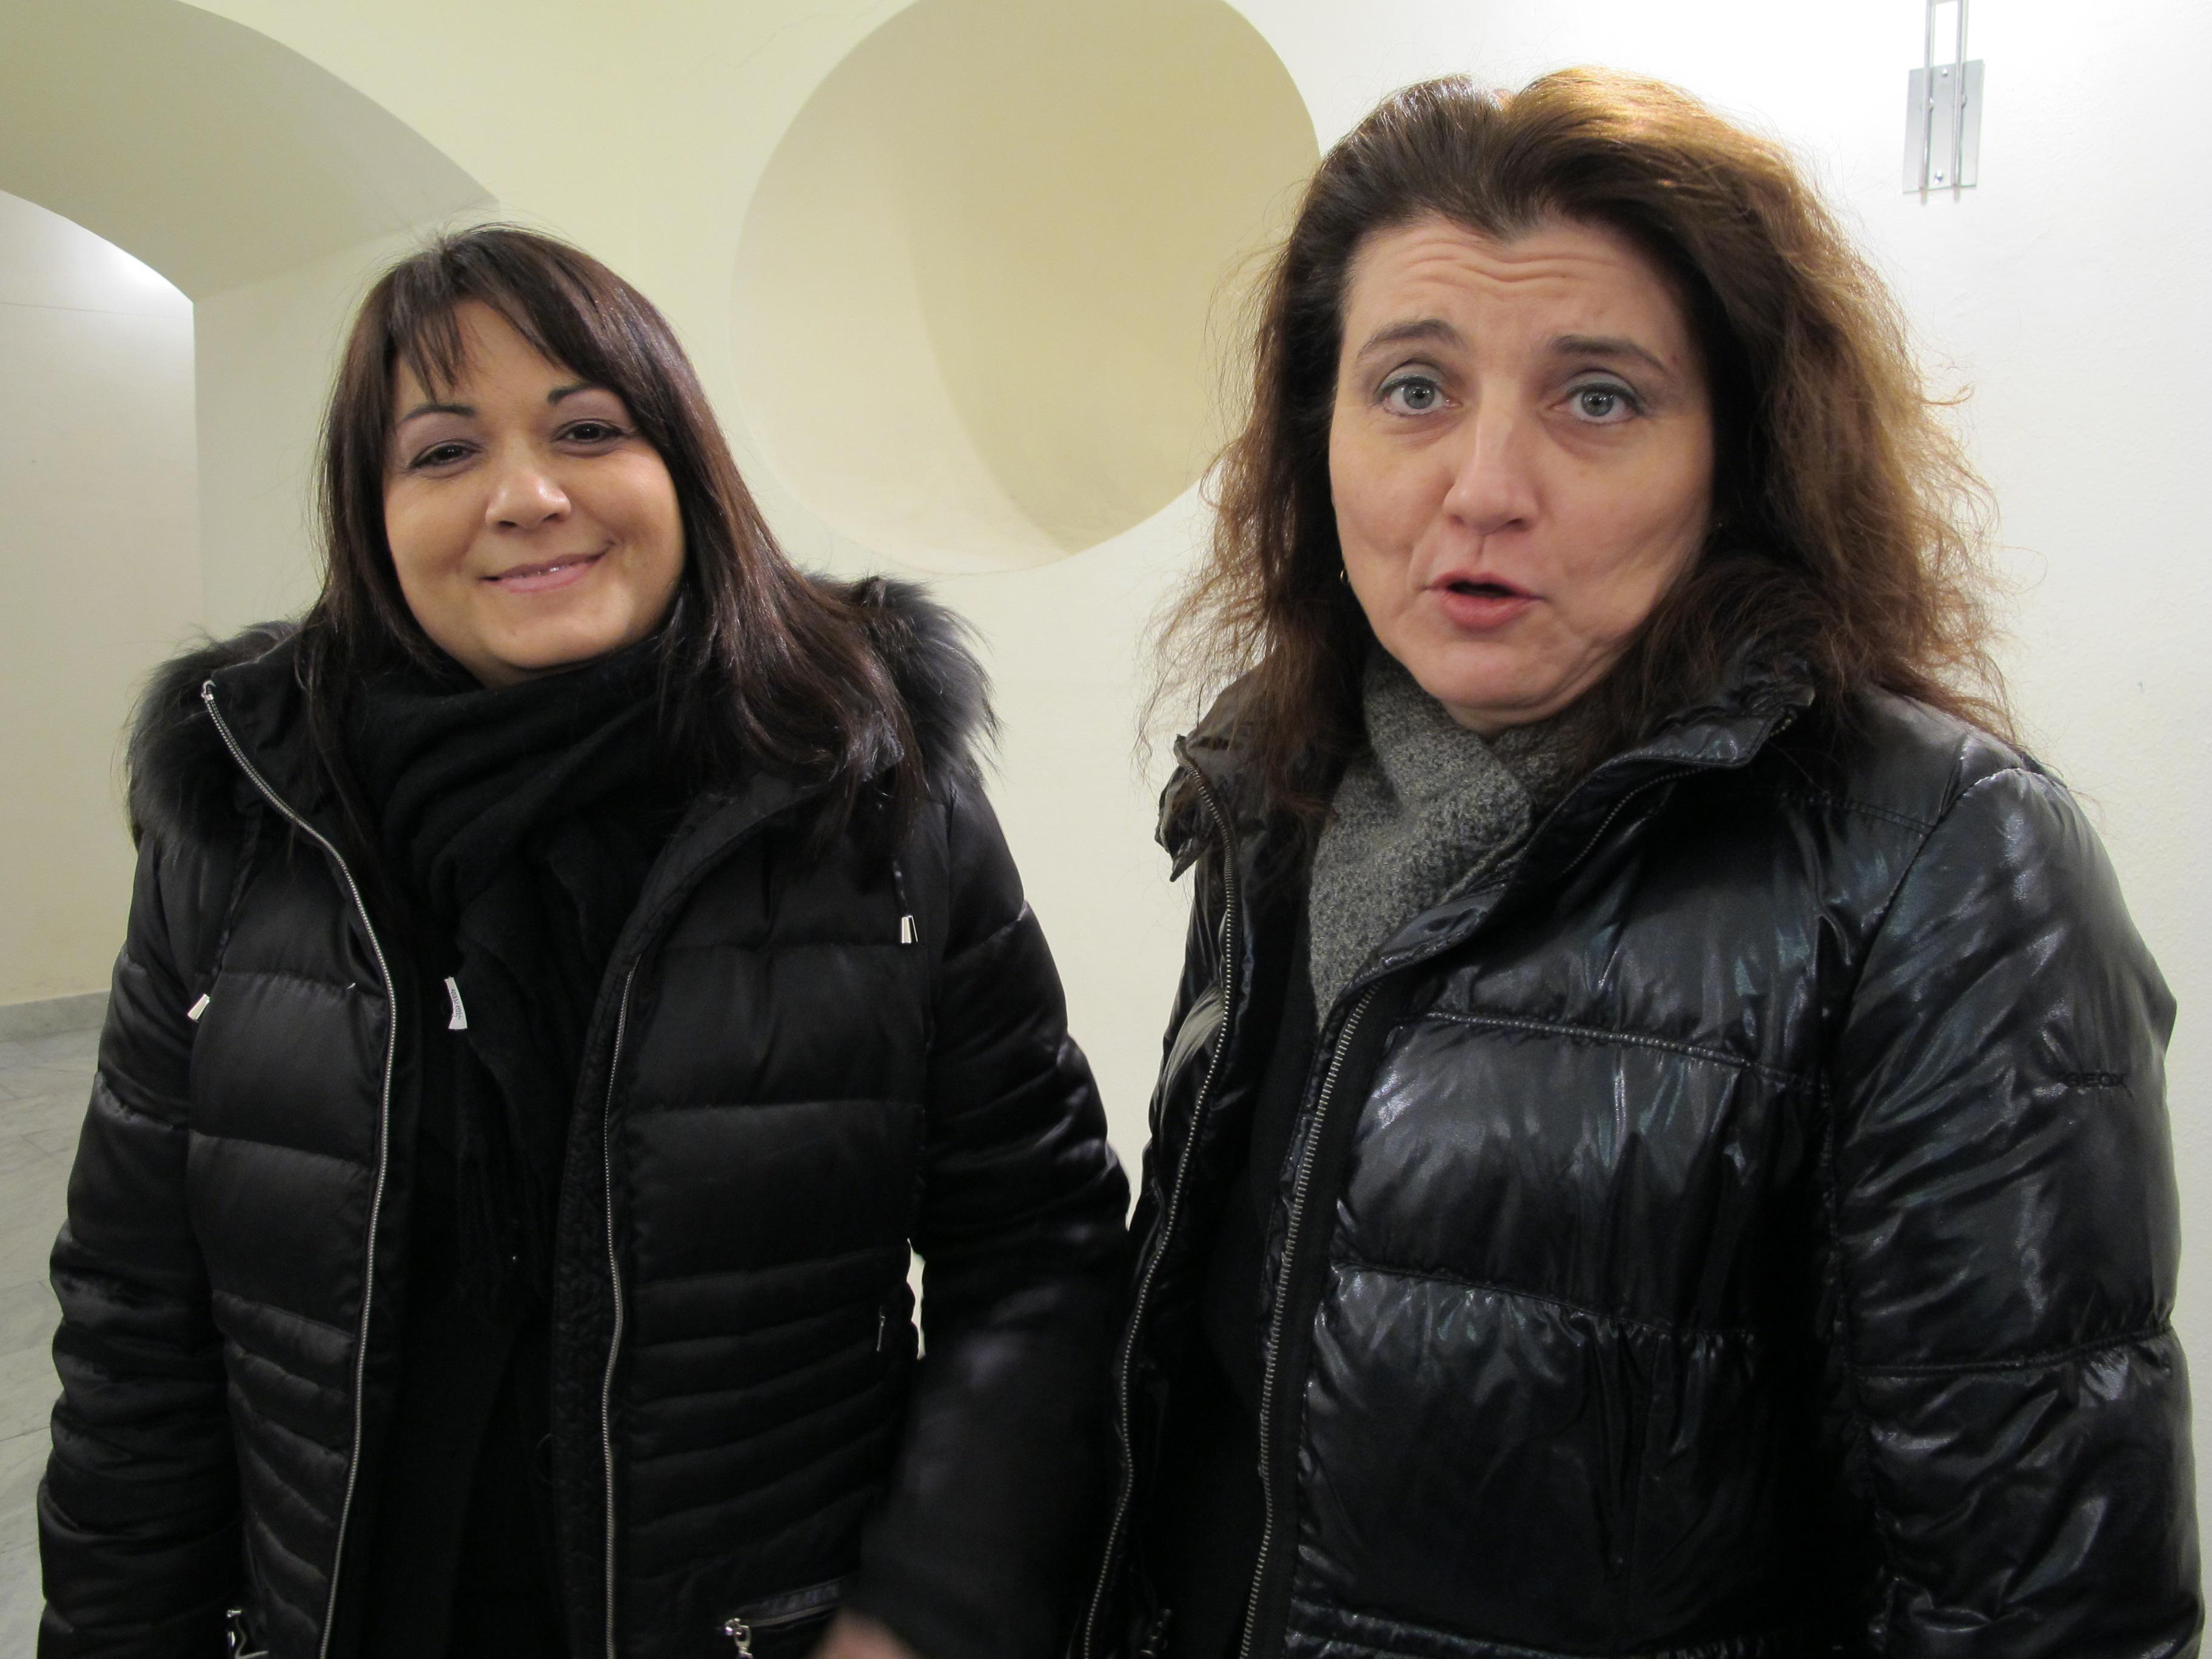 12 MARZO 2011 - GENOVA DEI MILLE - CON ALLOISIO E DE SCALZI Cristina e Laura.jpg